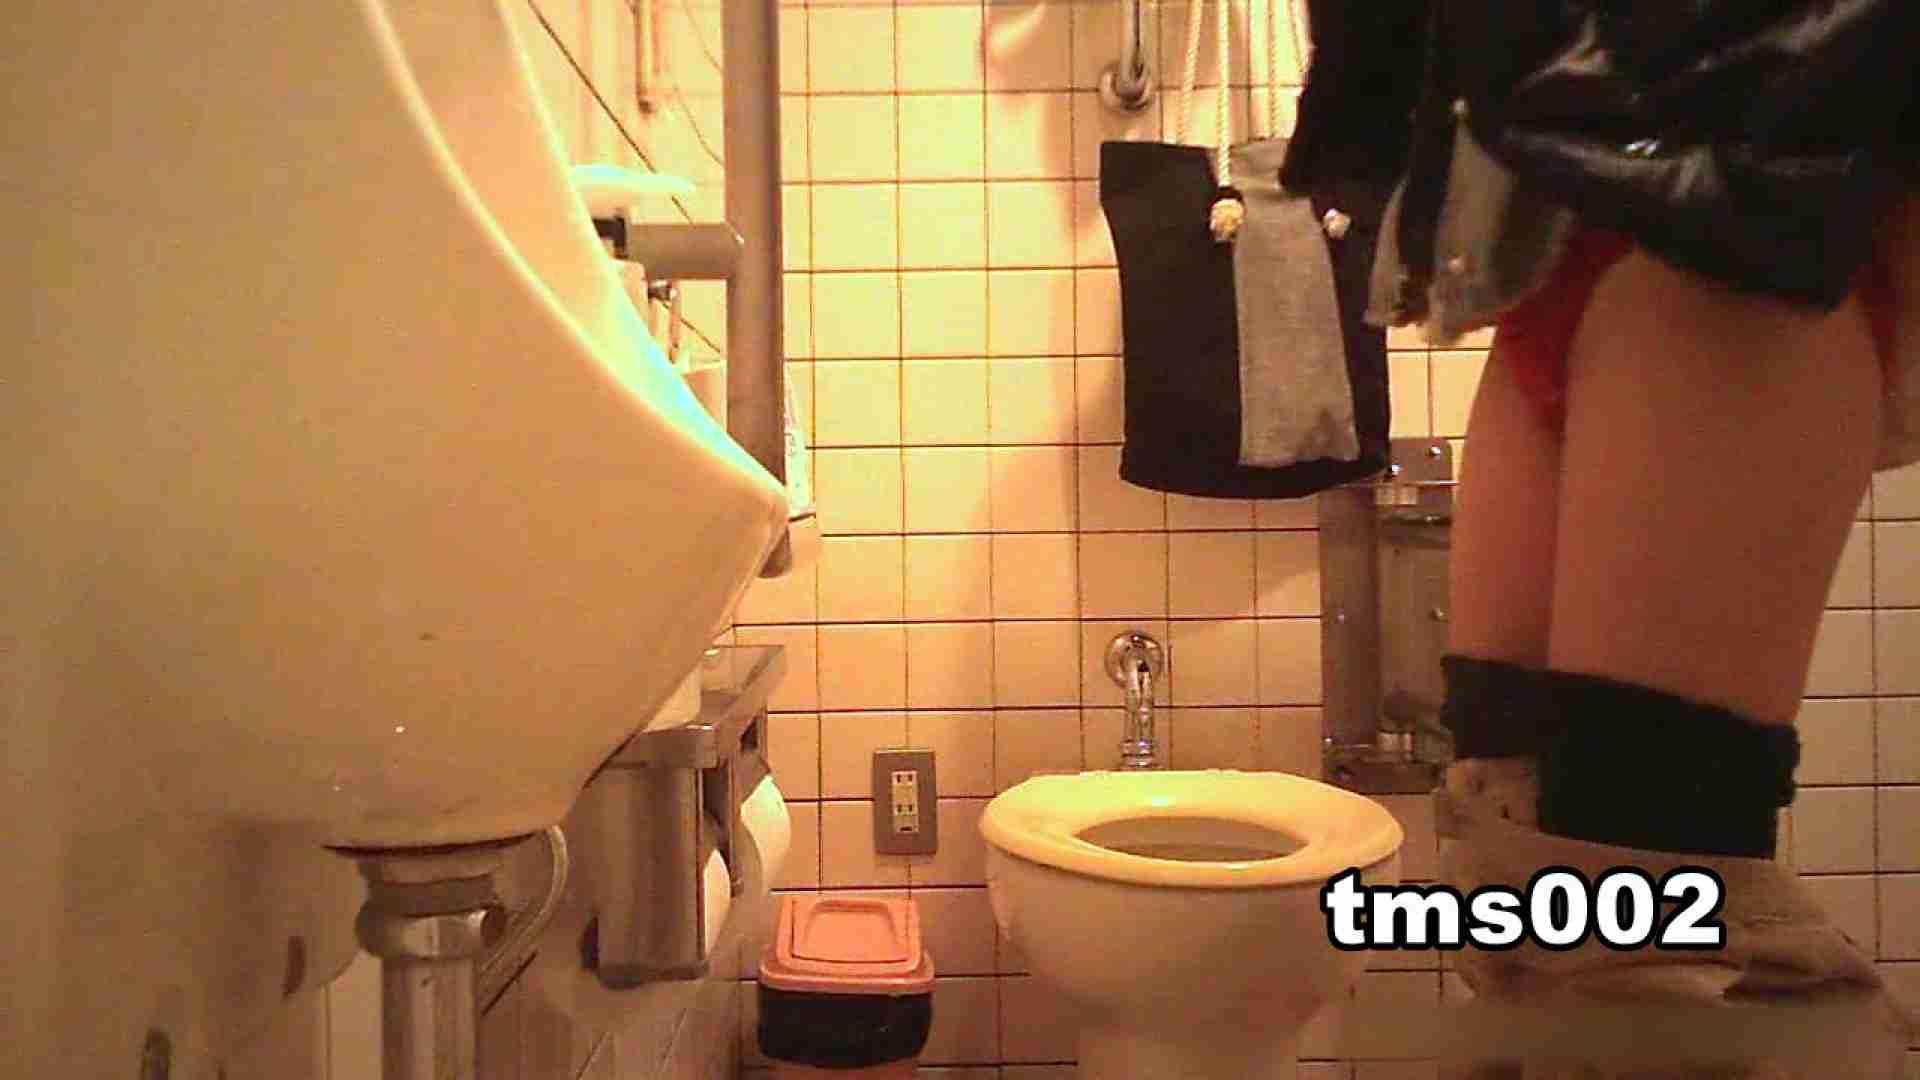 トイメンの割れ目 vol.002 洗面所  55PIX 25